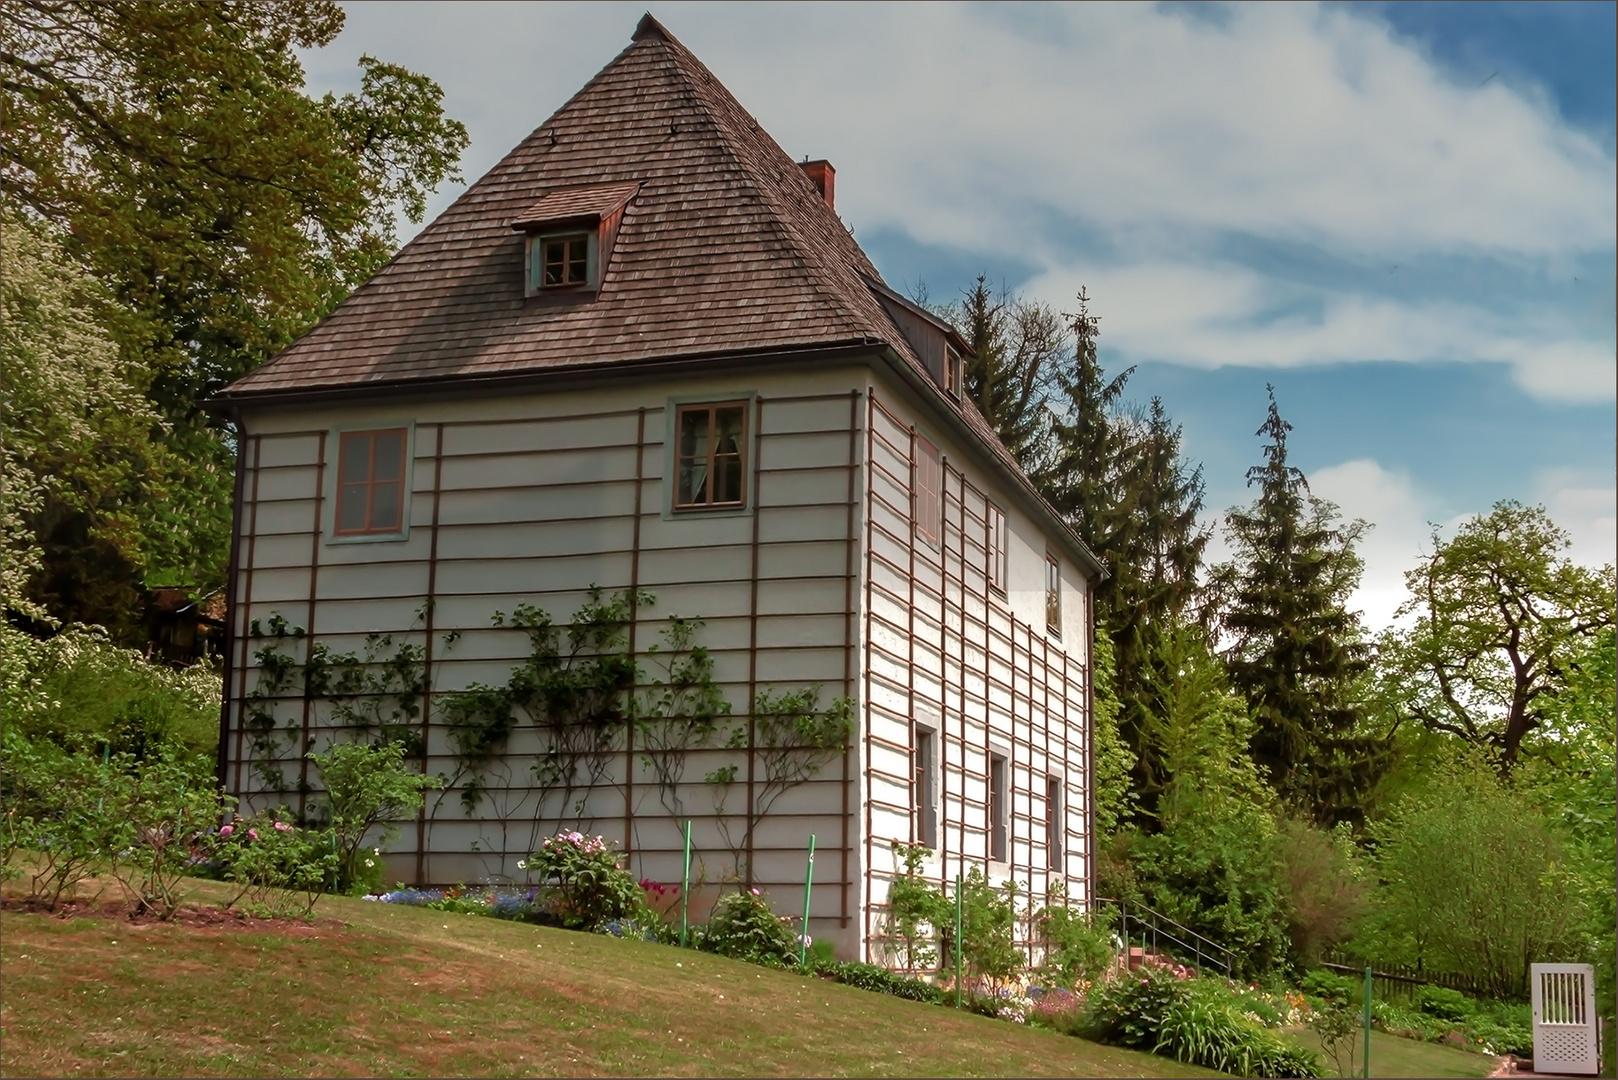 Gartenhaus von goethe in weimar foto bild architektur deutschland th ringen bilder auf - Architektur weimar ...